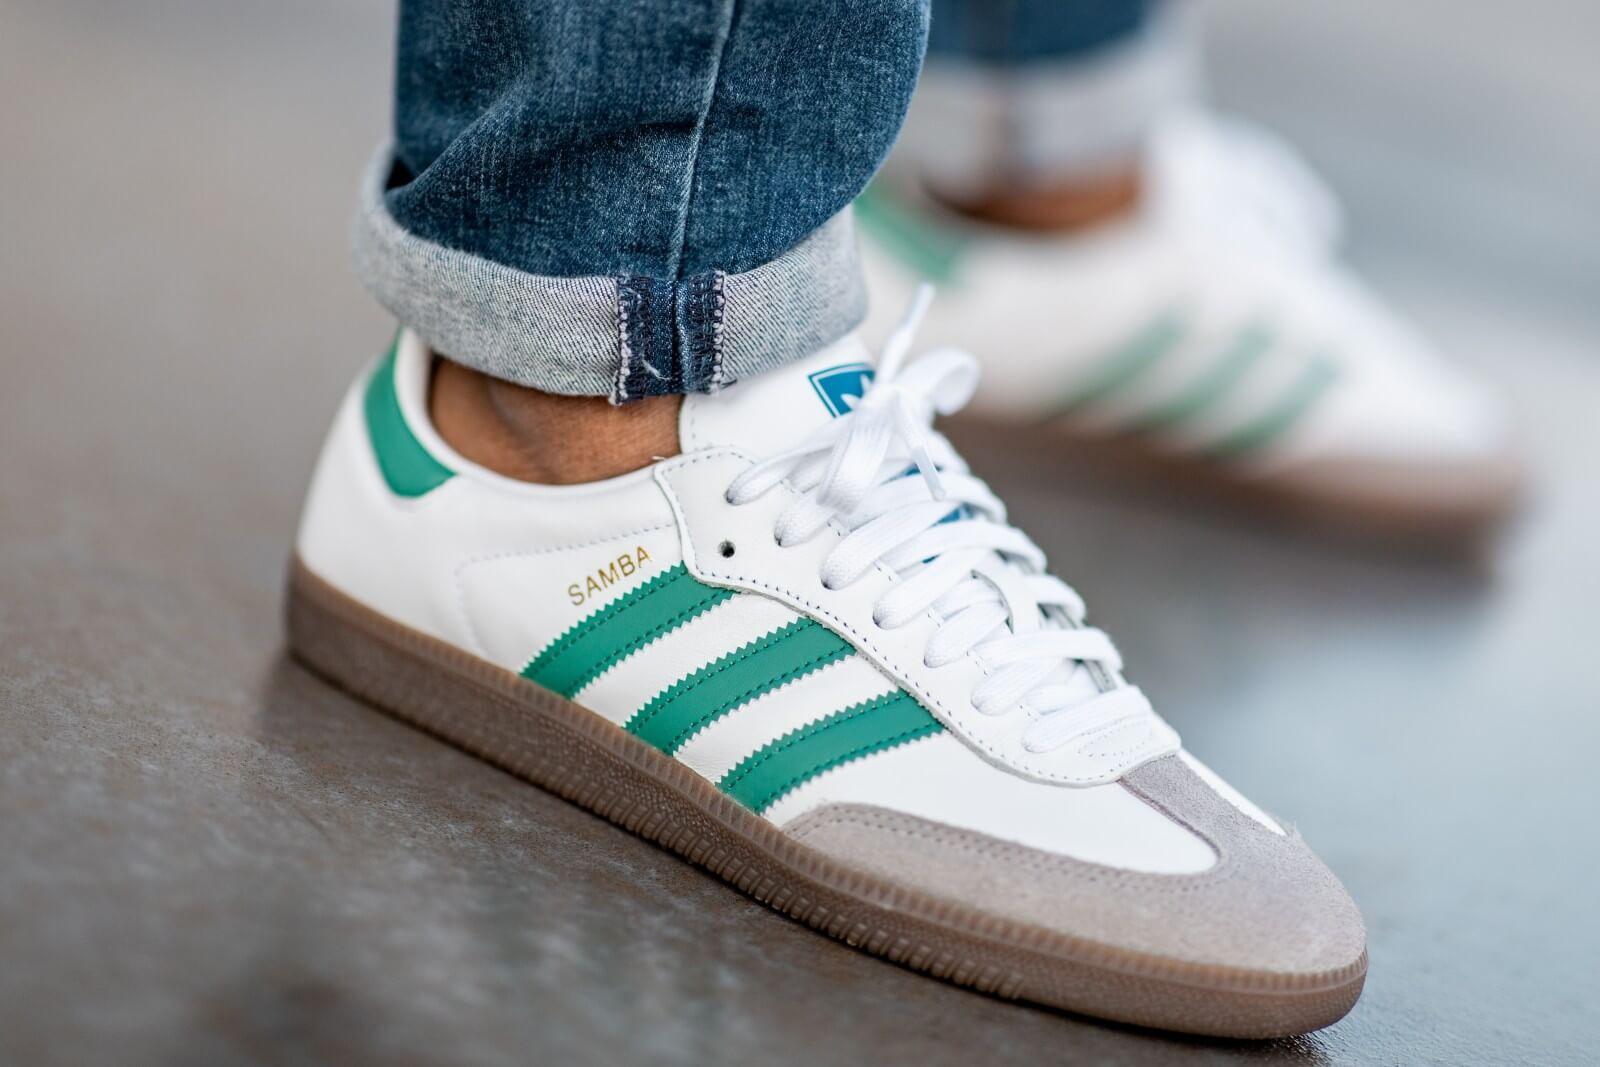 Adidas Samba OG Footwear White/Green